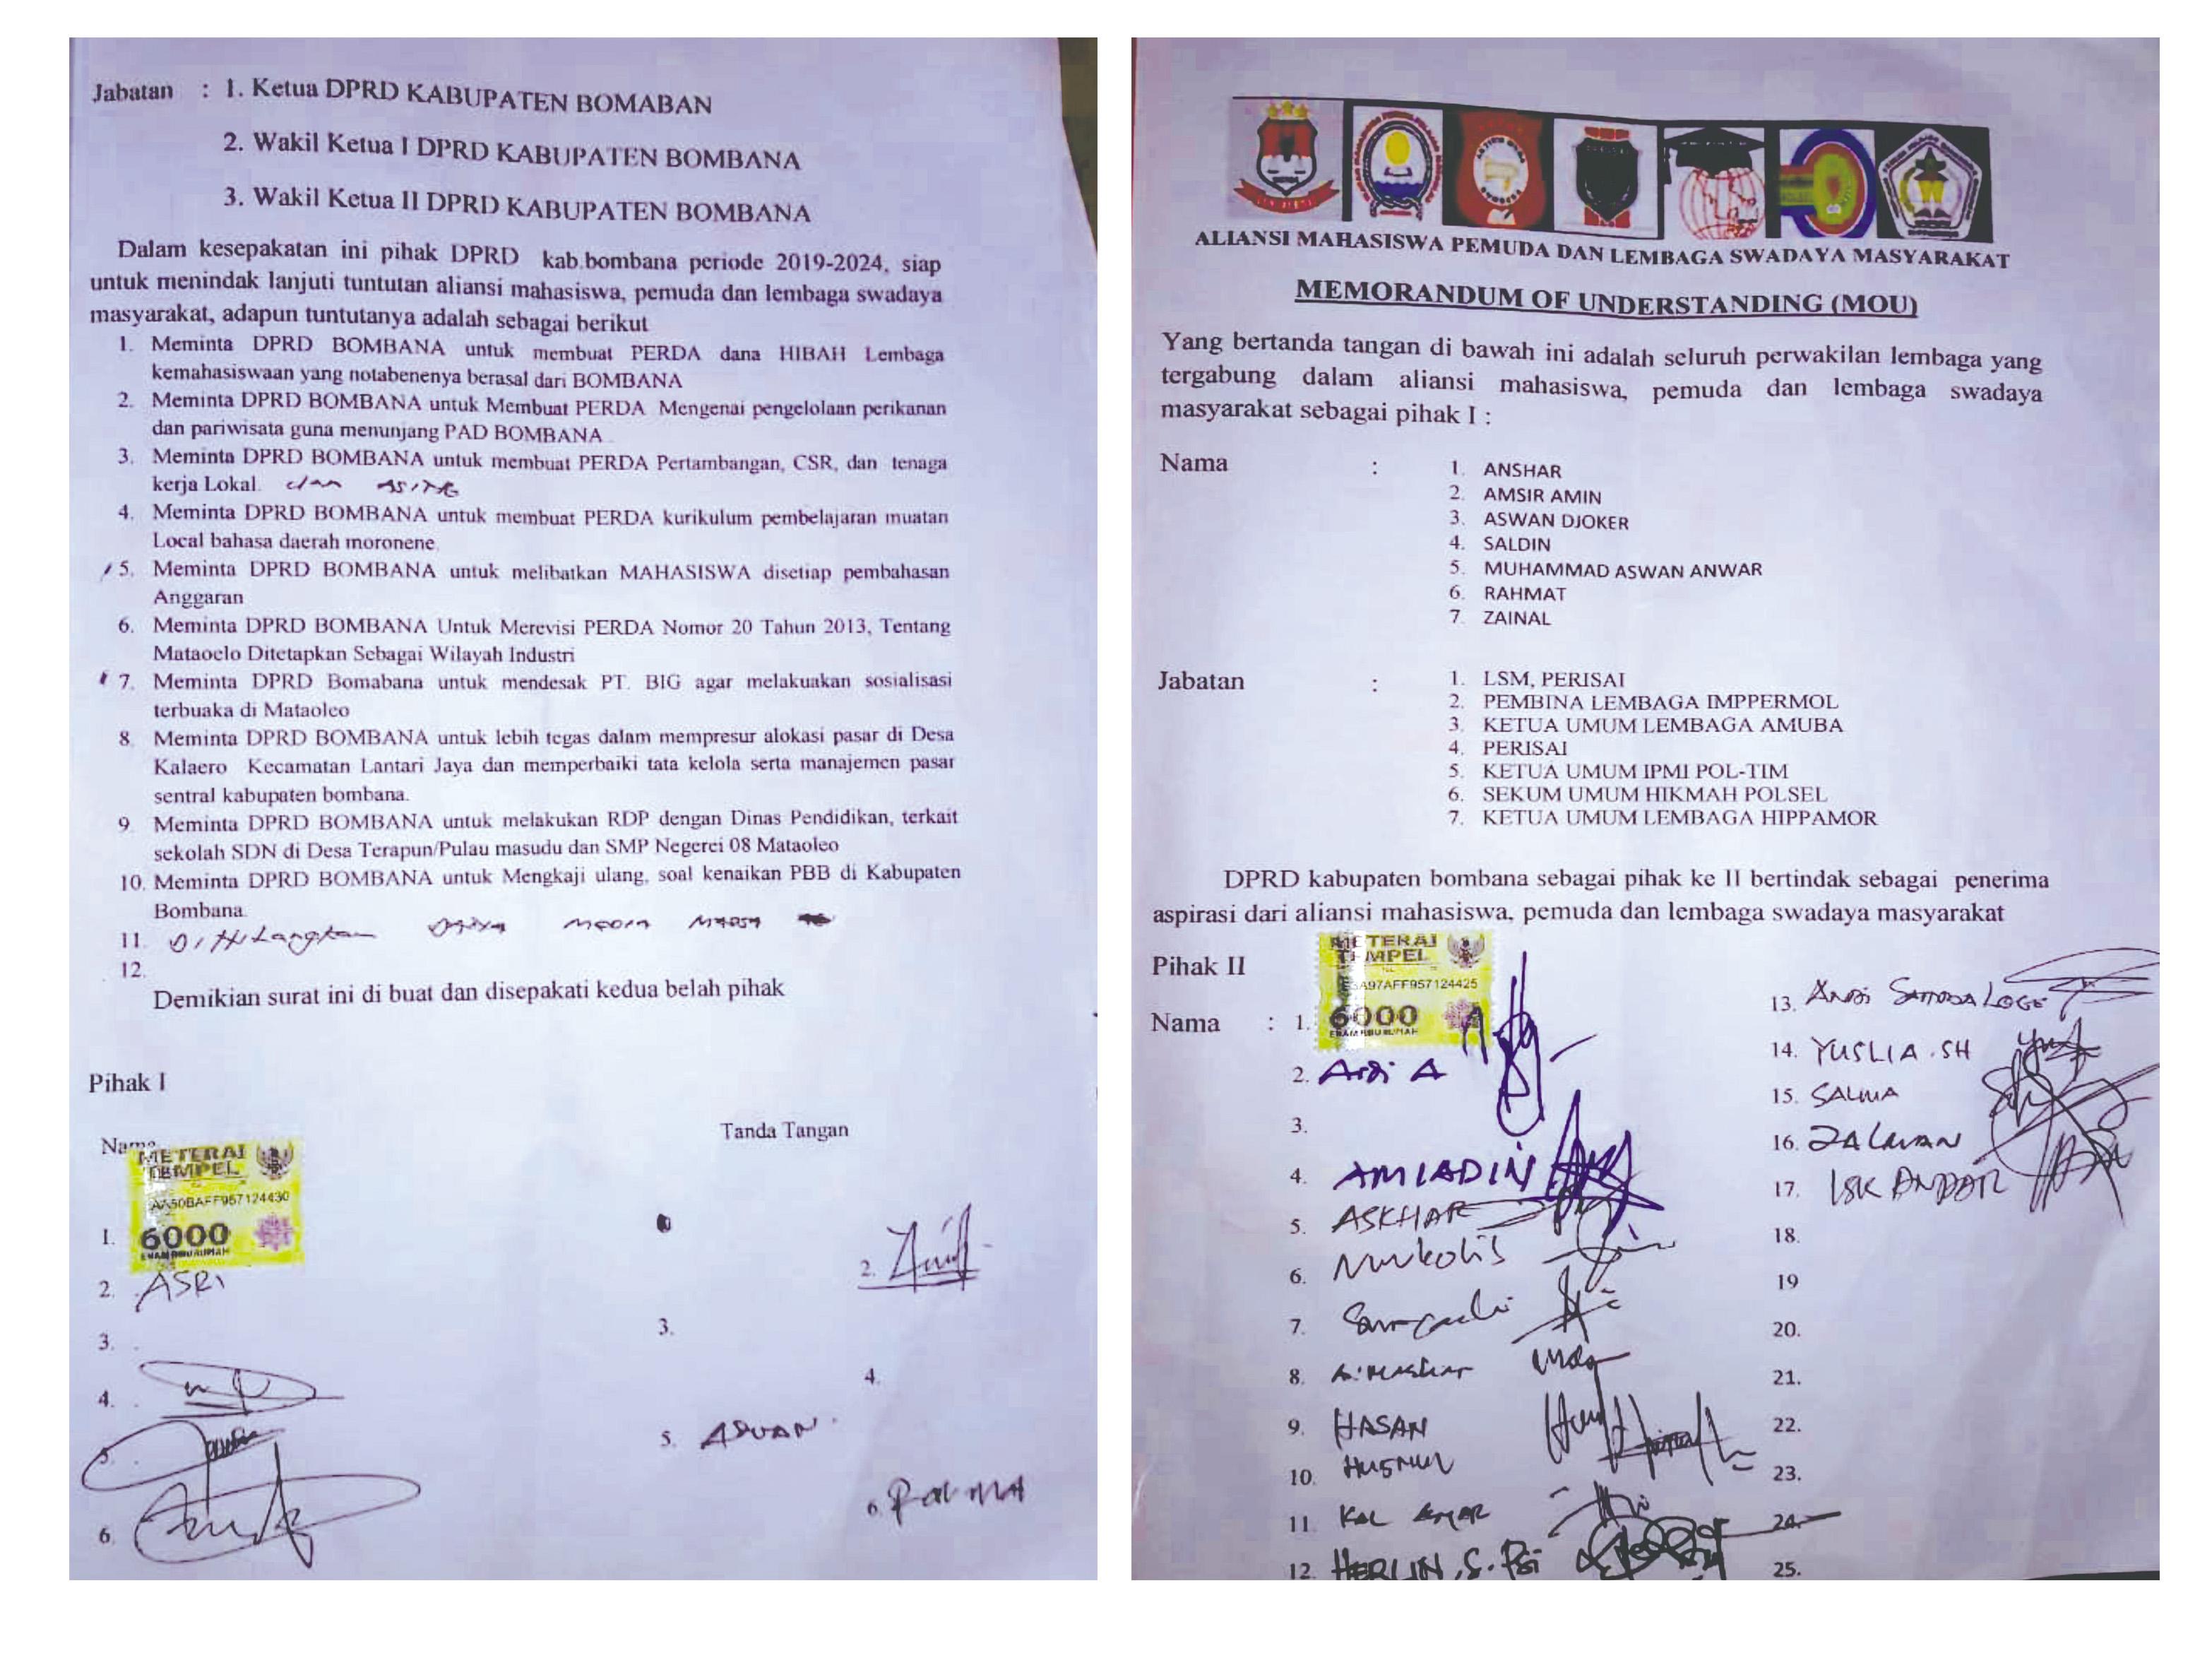 MOU kesepakatan antara Peserta Aksi dan Anggota DPRD Baru